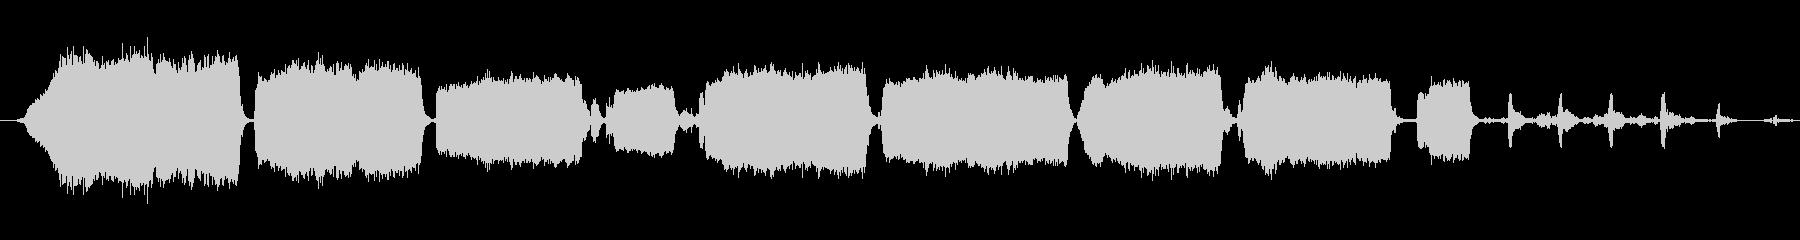 鳴き豚0-50の未再生の波形